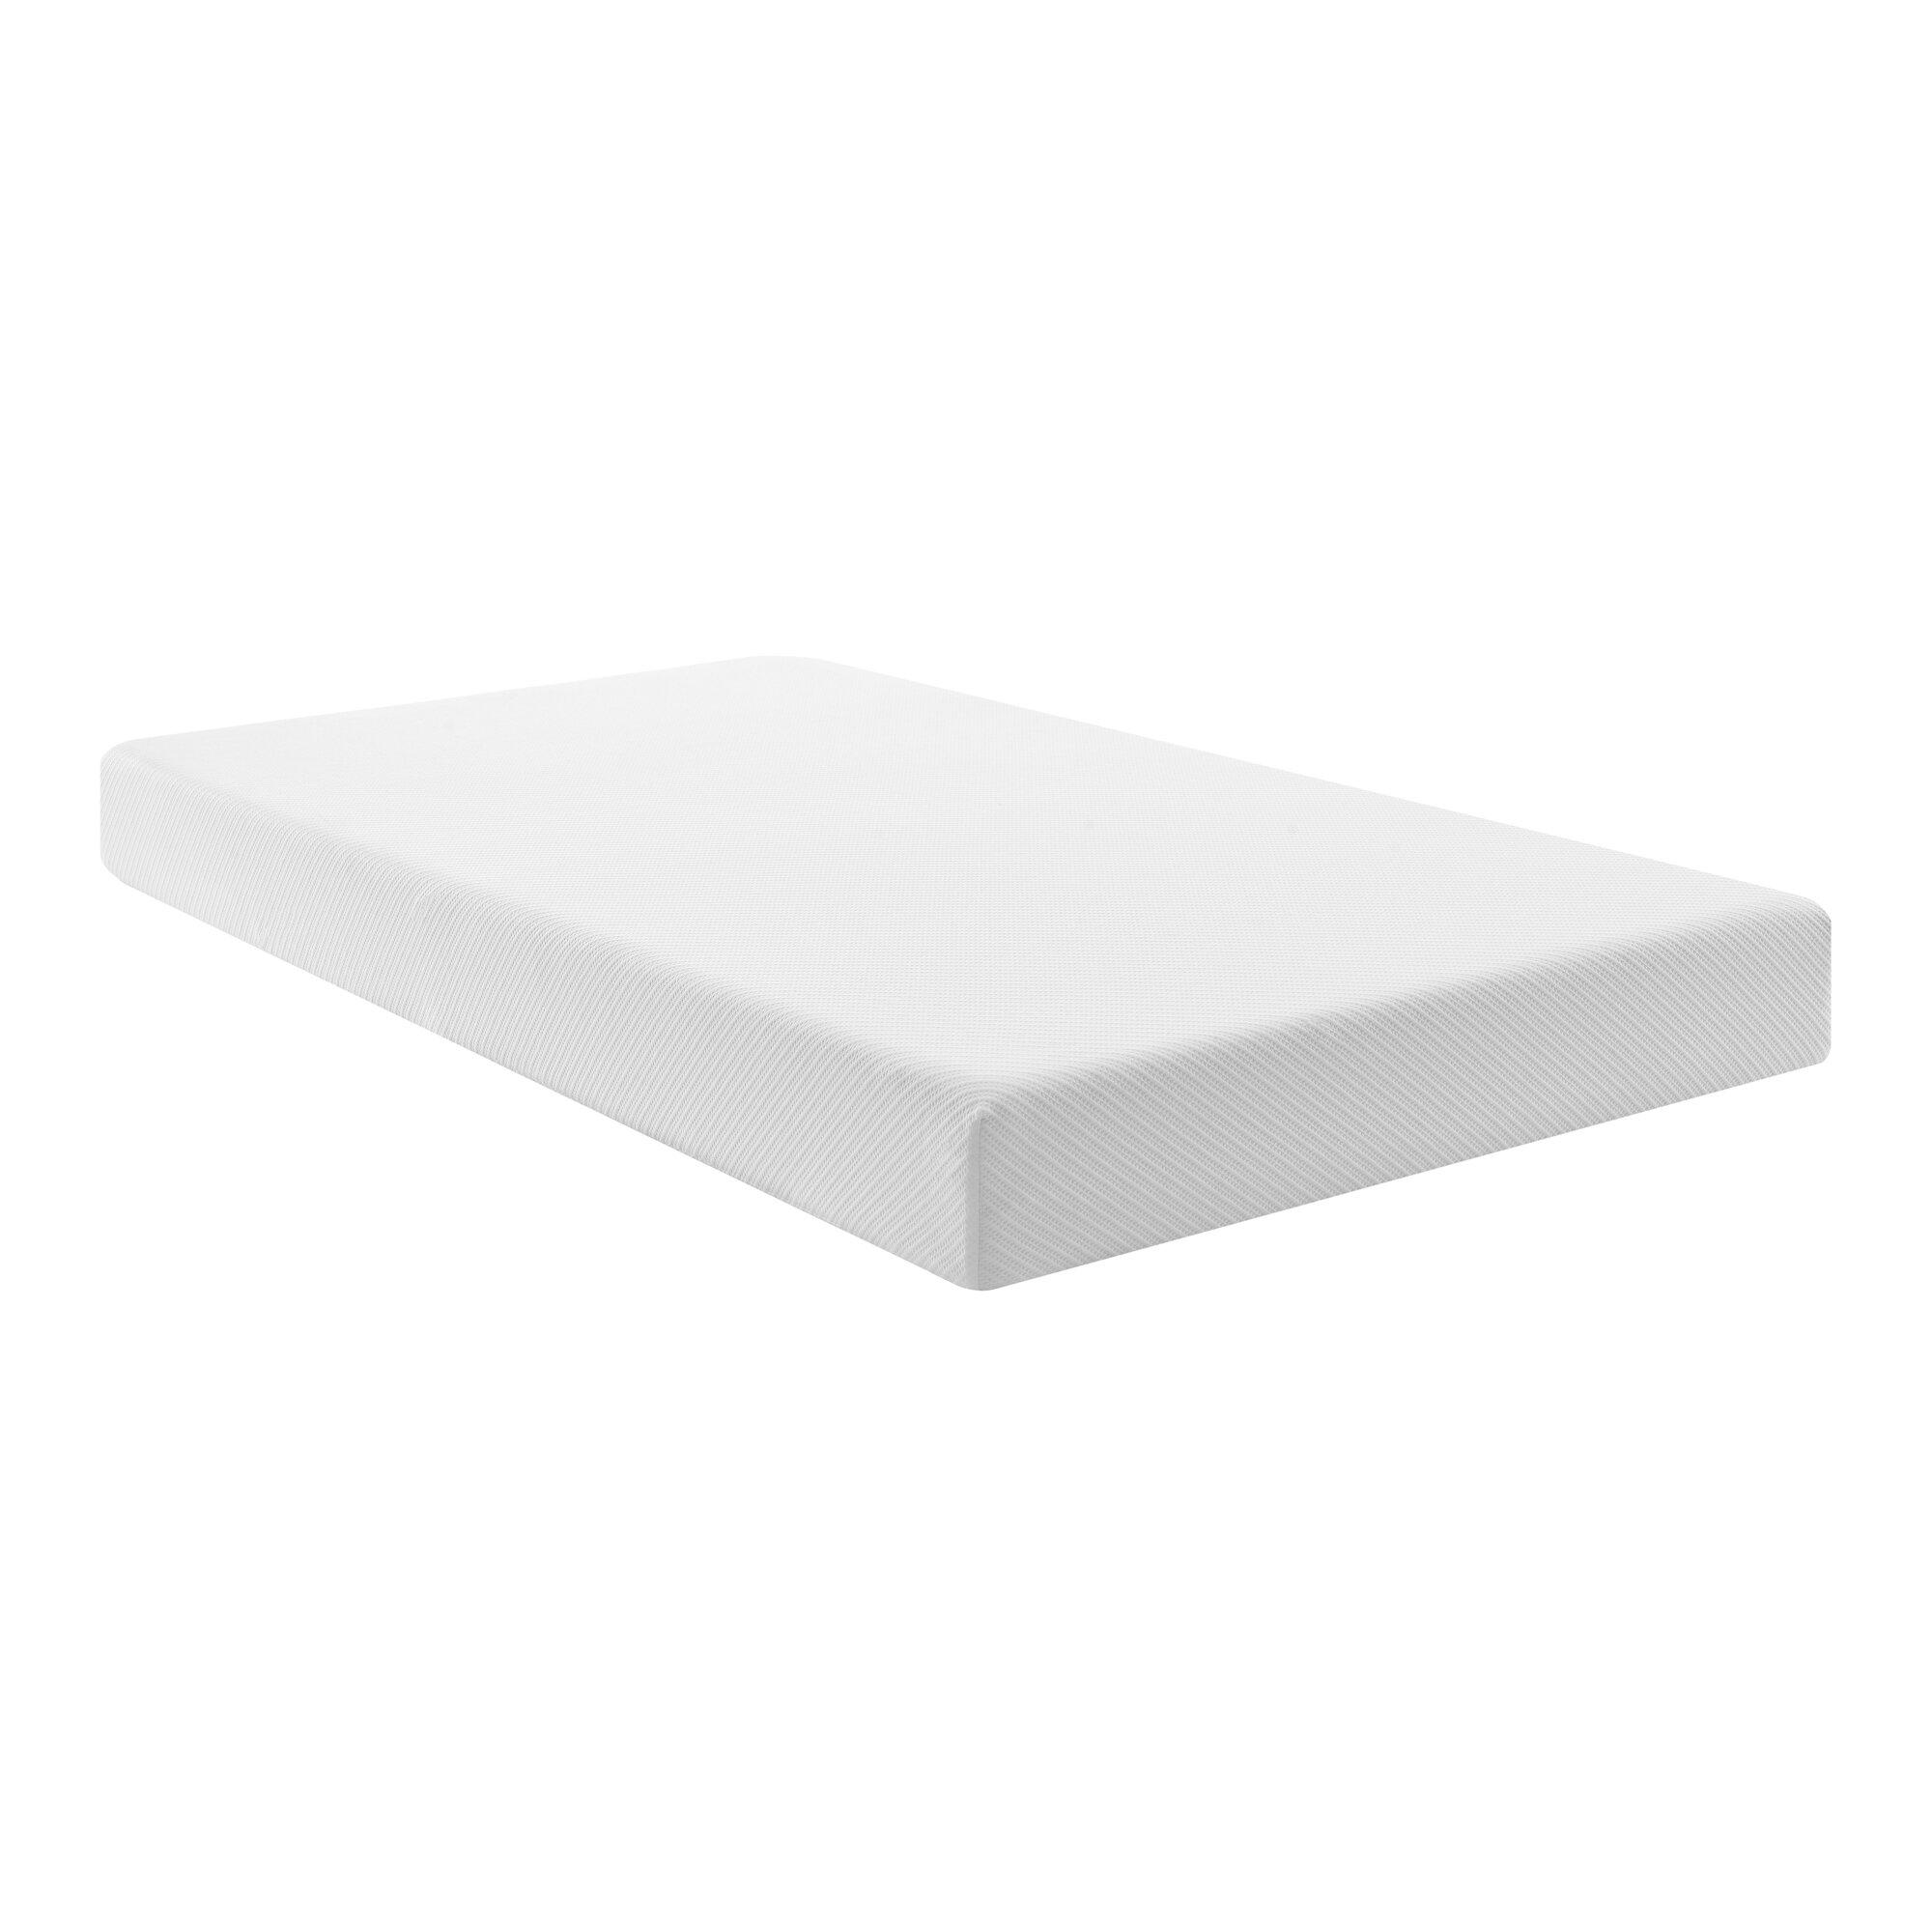 Wayfair Sleep 6 Firm Memory Foam Mattress Reviews Wayfair Ca